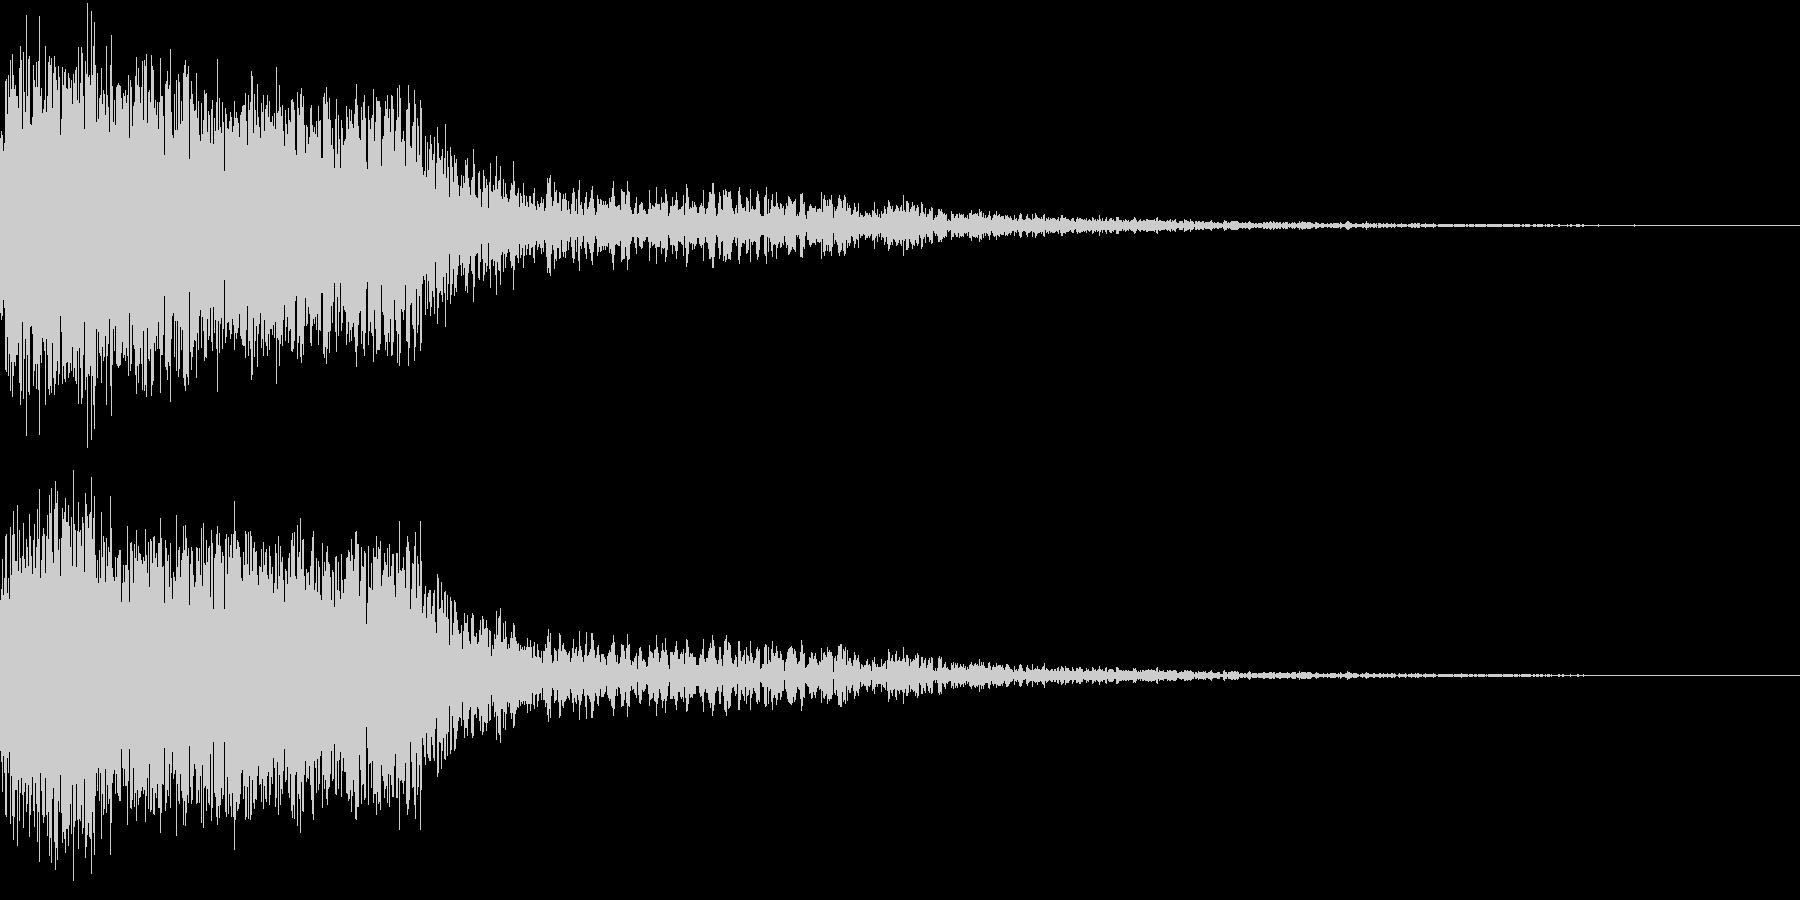 衝撃 金属音 恐怖 震撼 ホラー 23の未再生の波形